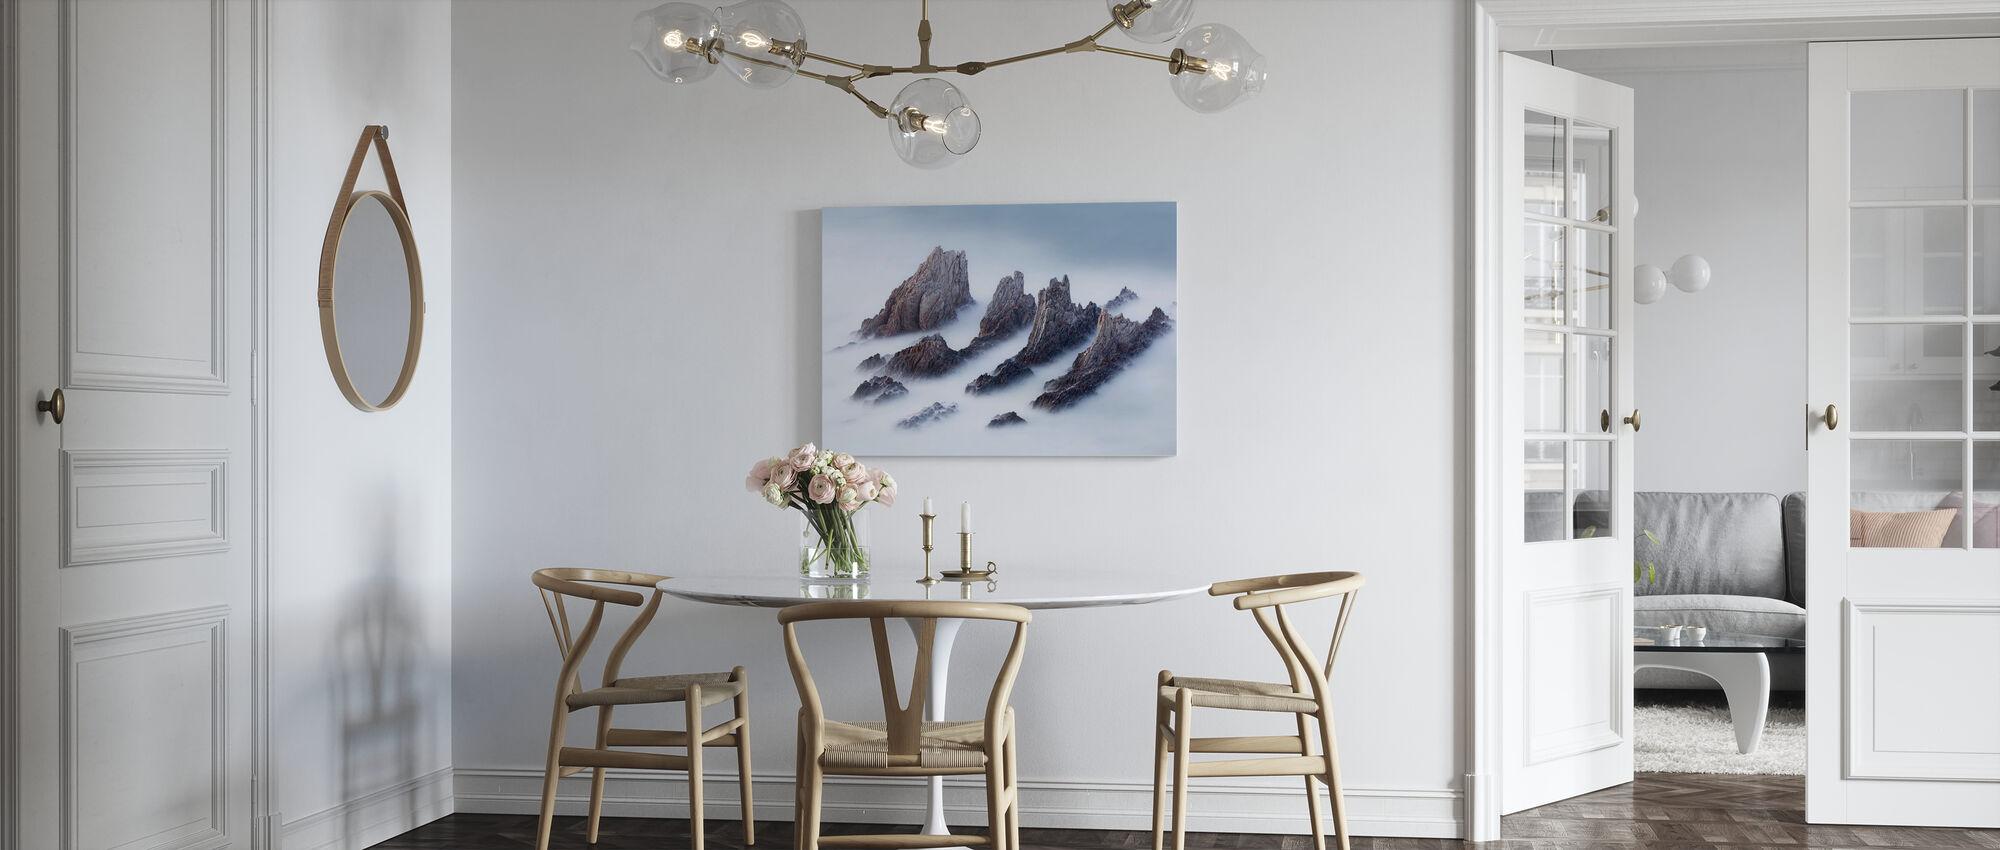 Kuiken en valleien - Canvas print - Keuken